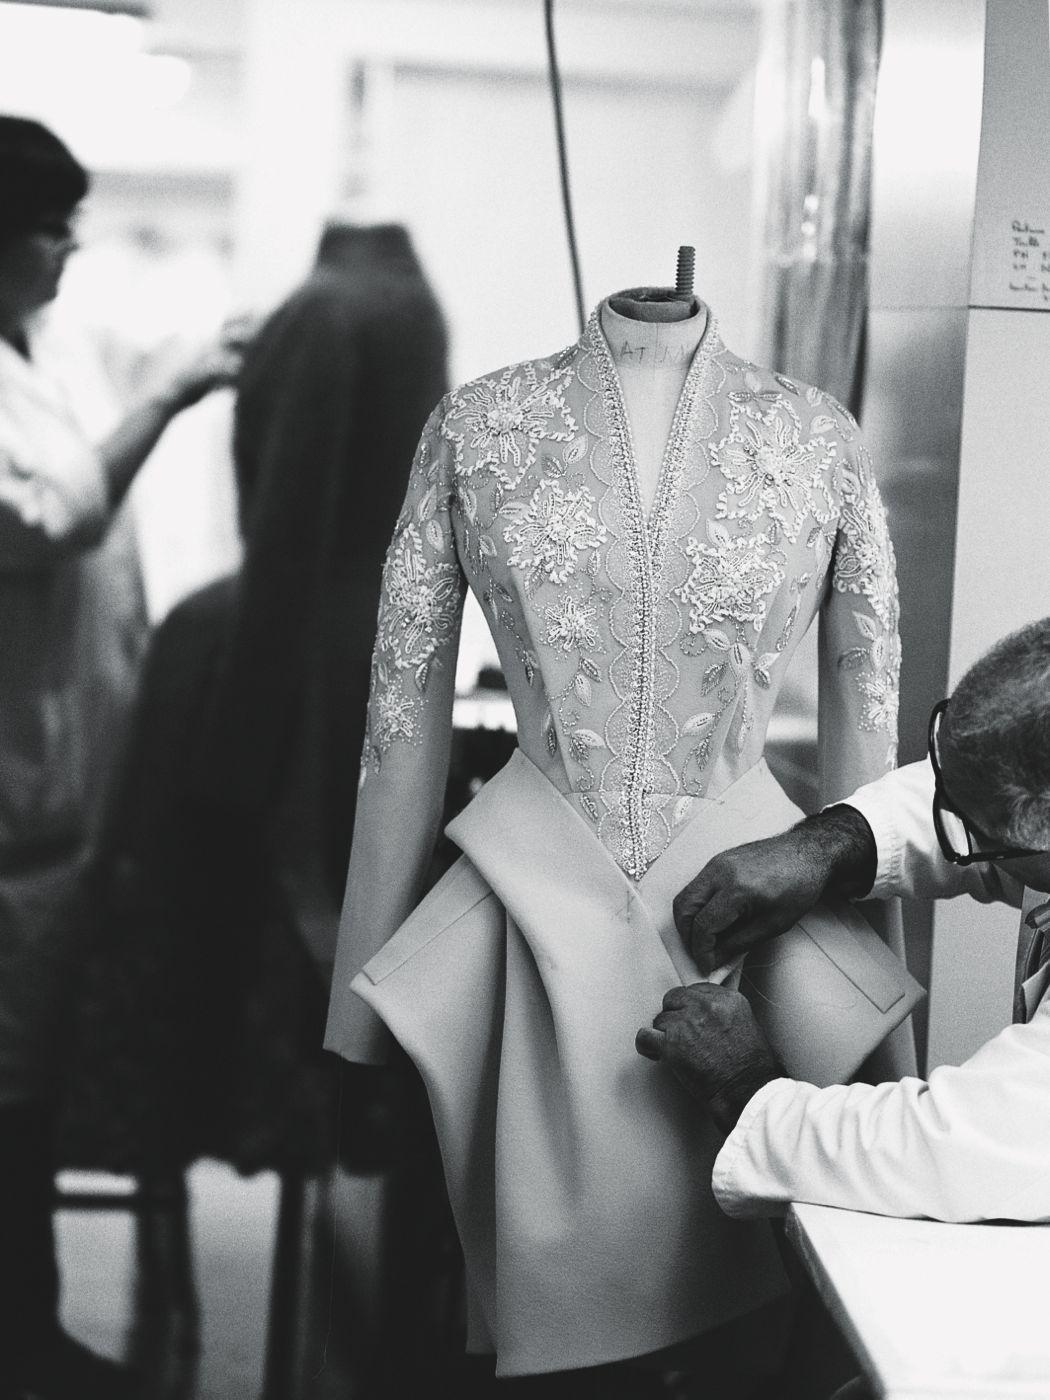 Christian Dior Haute Couture - Les Journées Particulières